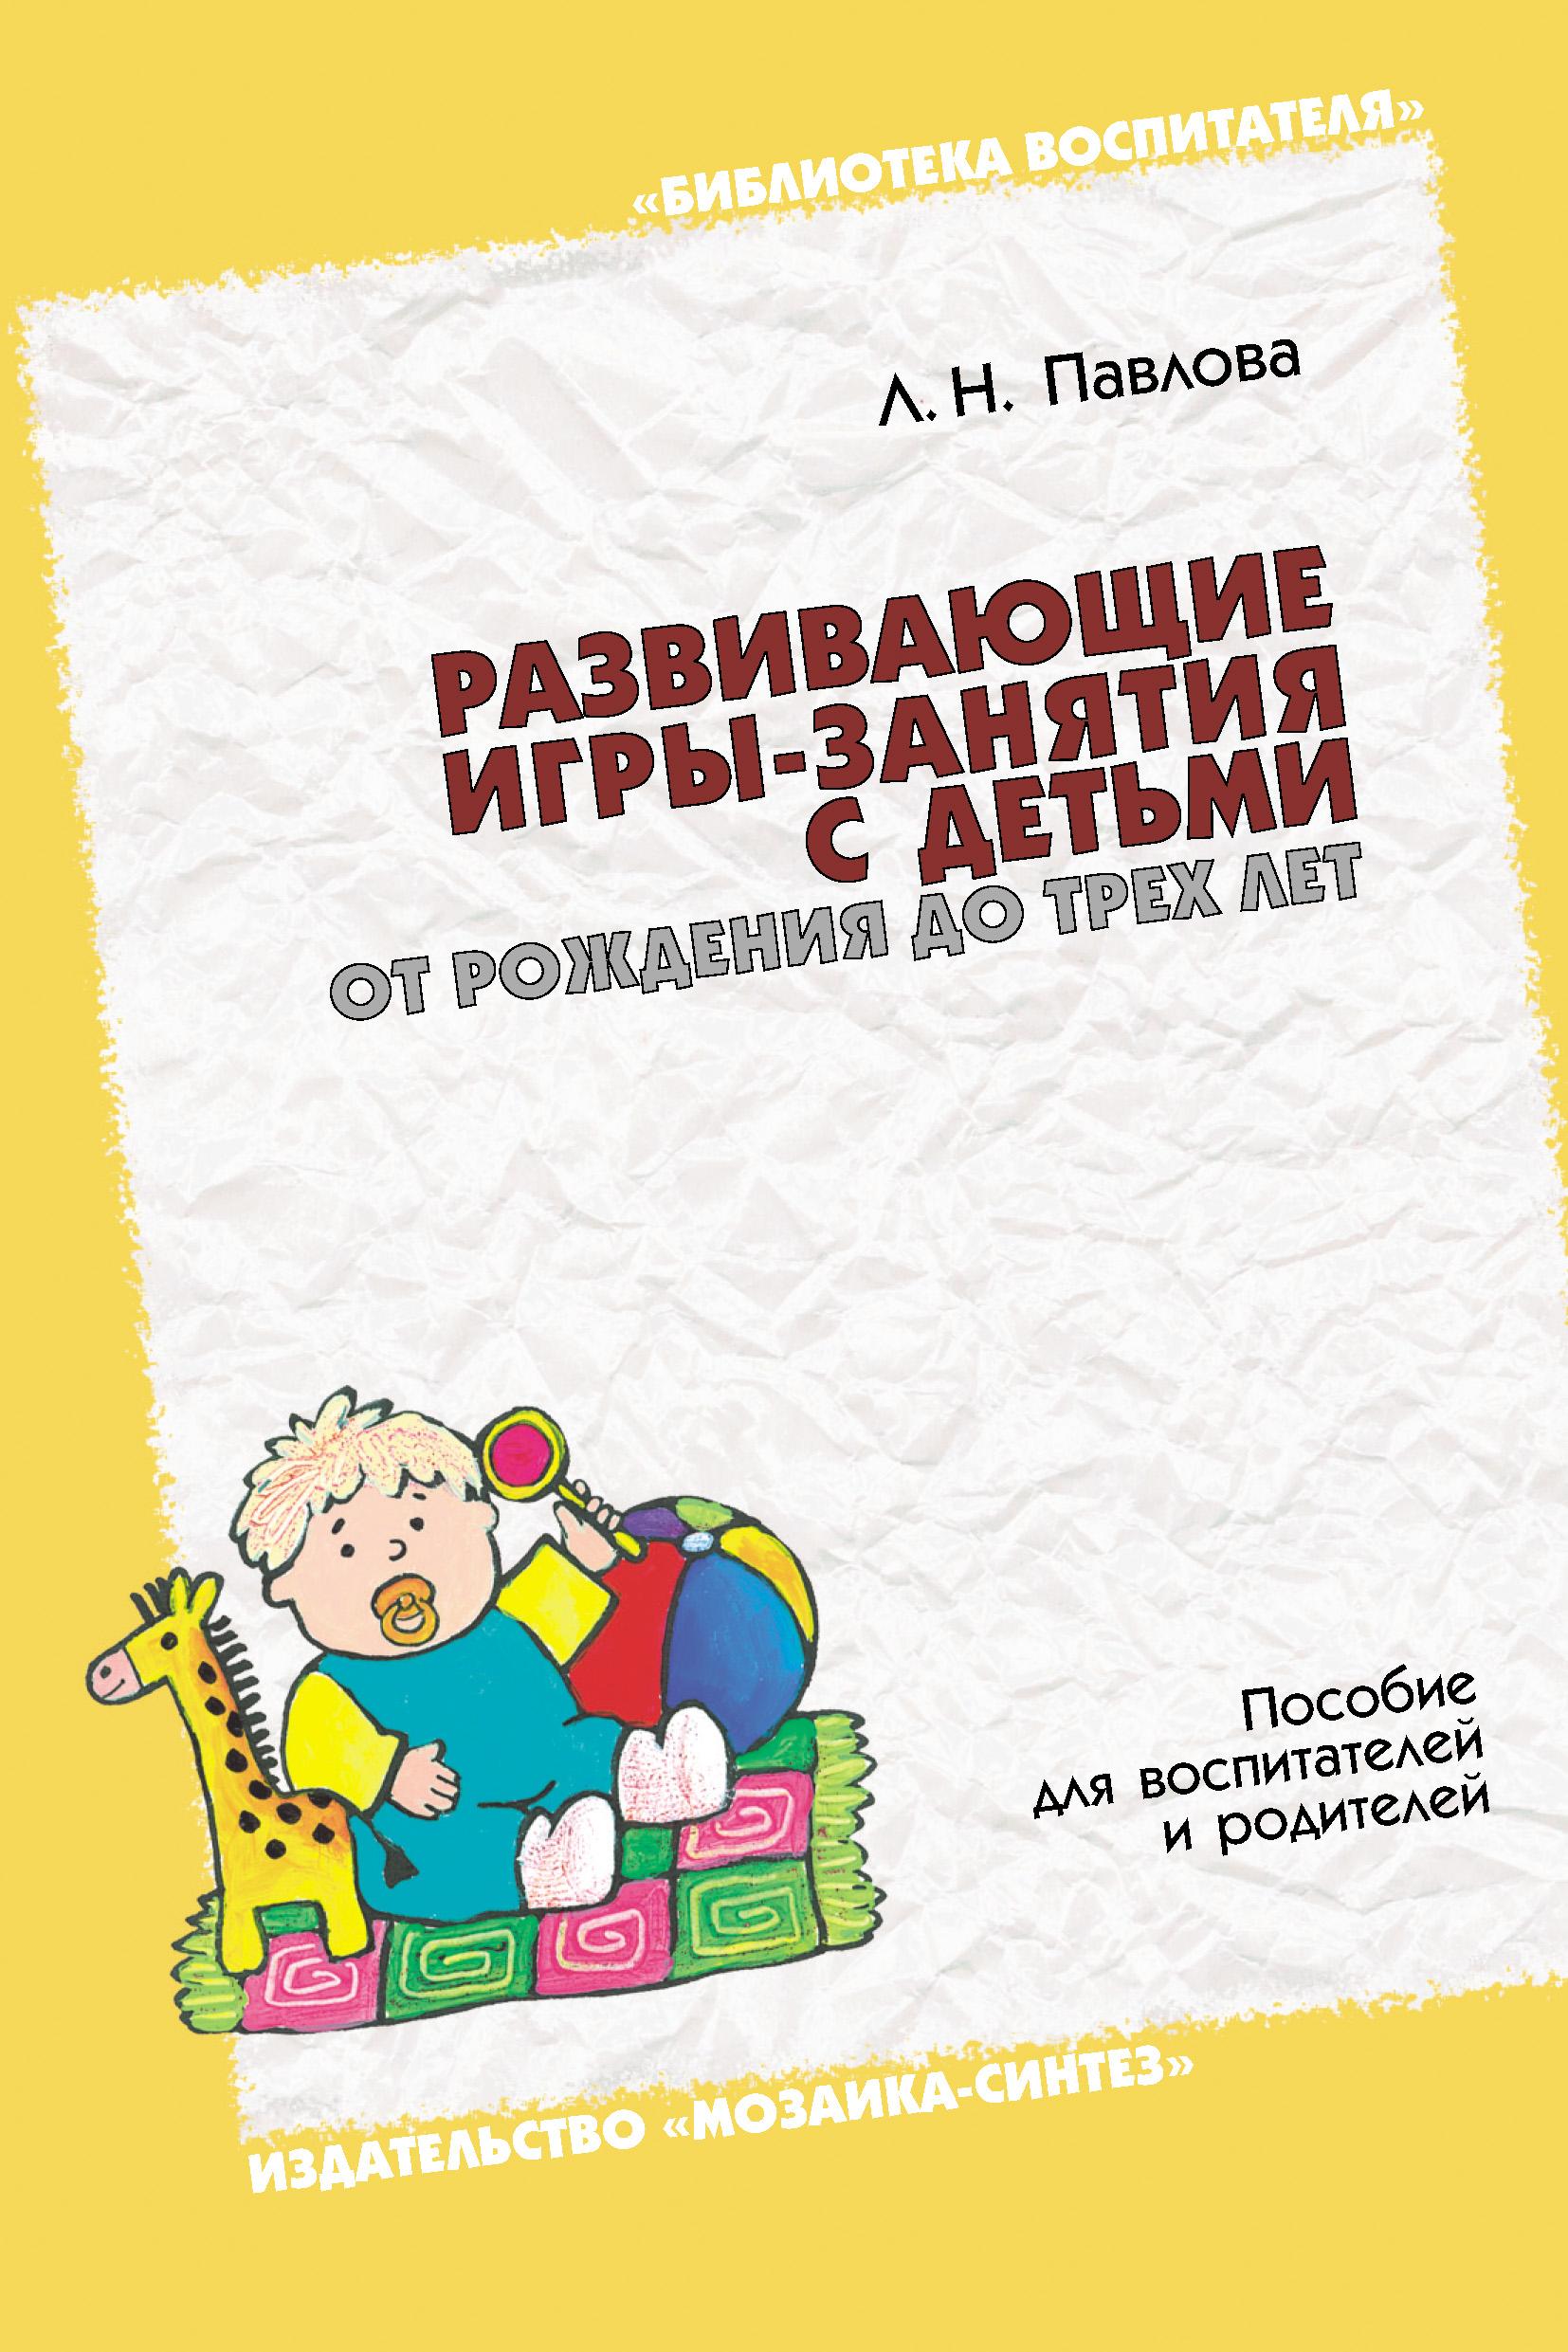 Л. Н. Павлова Развивающие игры-занятия с детьми от рождения до трех лет. Пособие для воспитателей и родителей сергиенко е виленская г рязанова т дозорцева а близнецы от рождения до трех лет